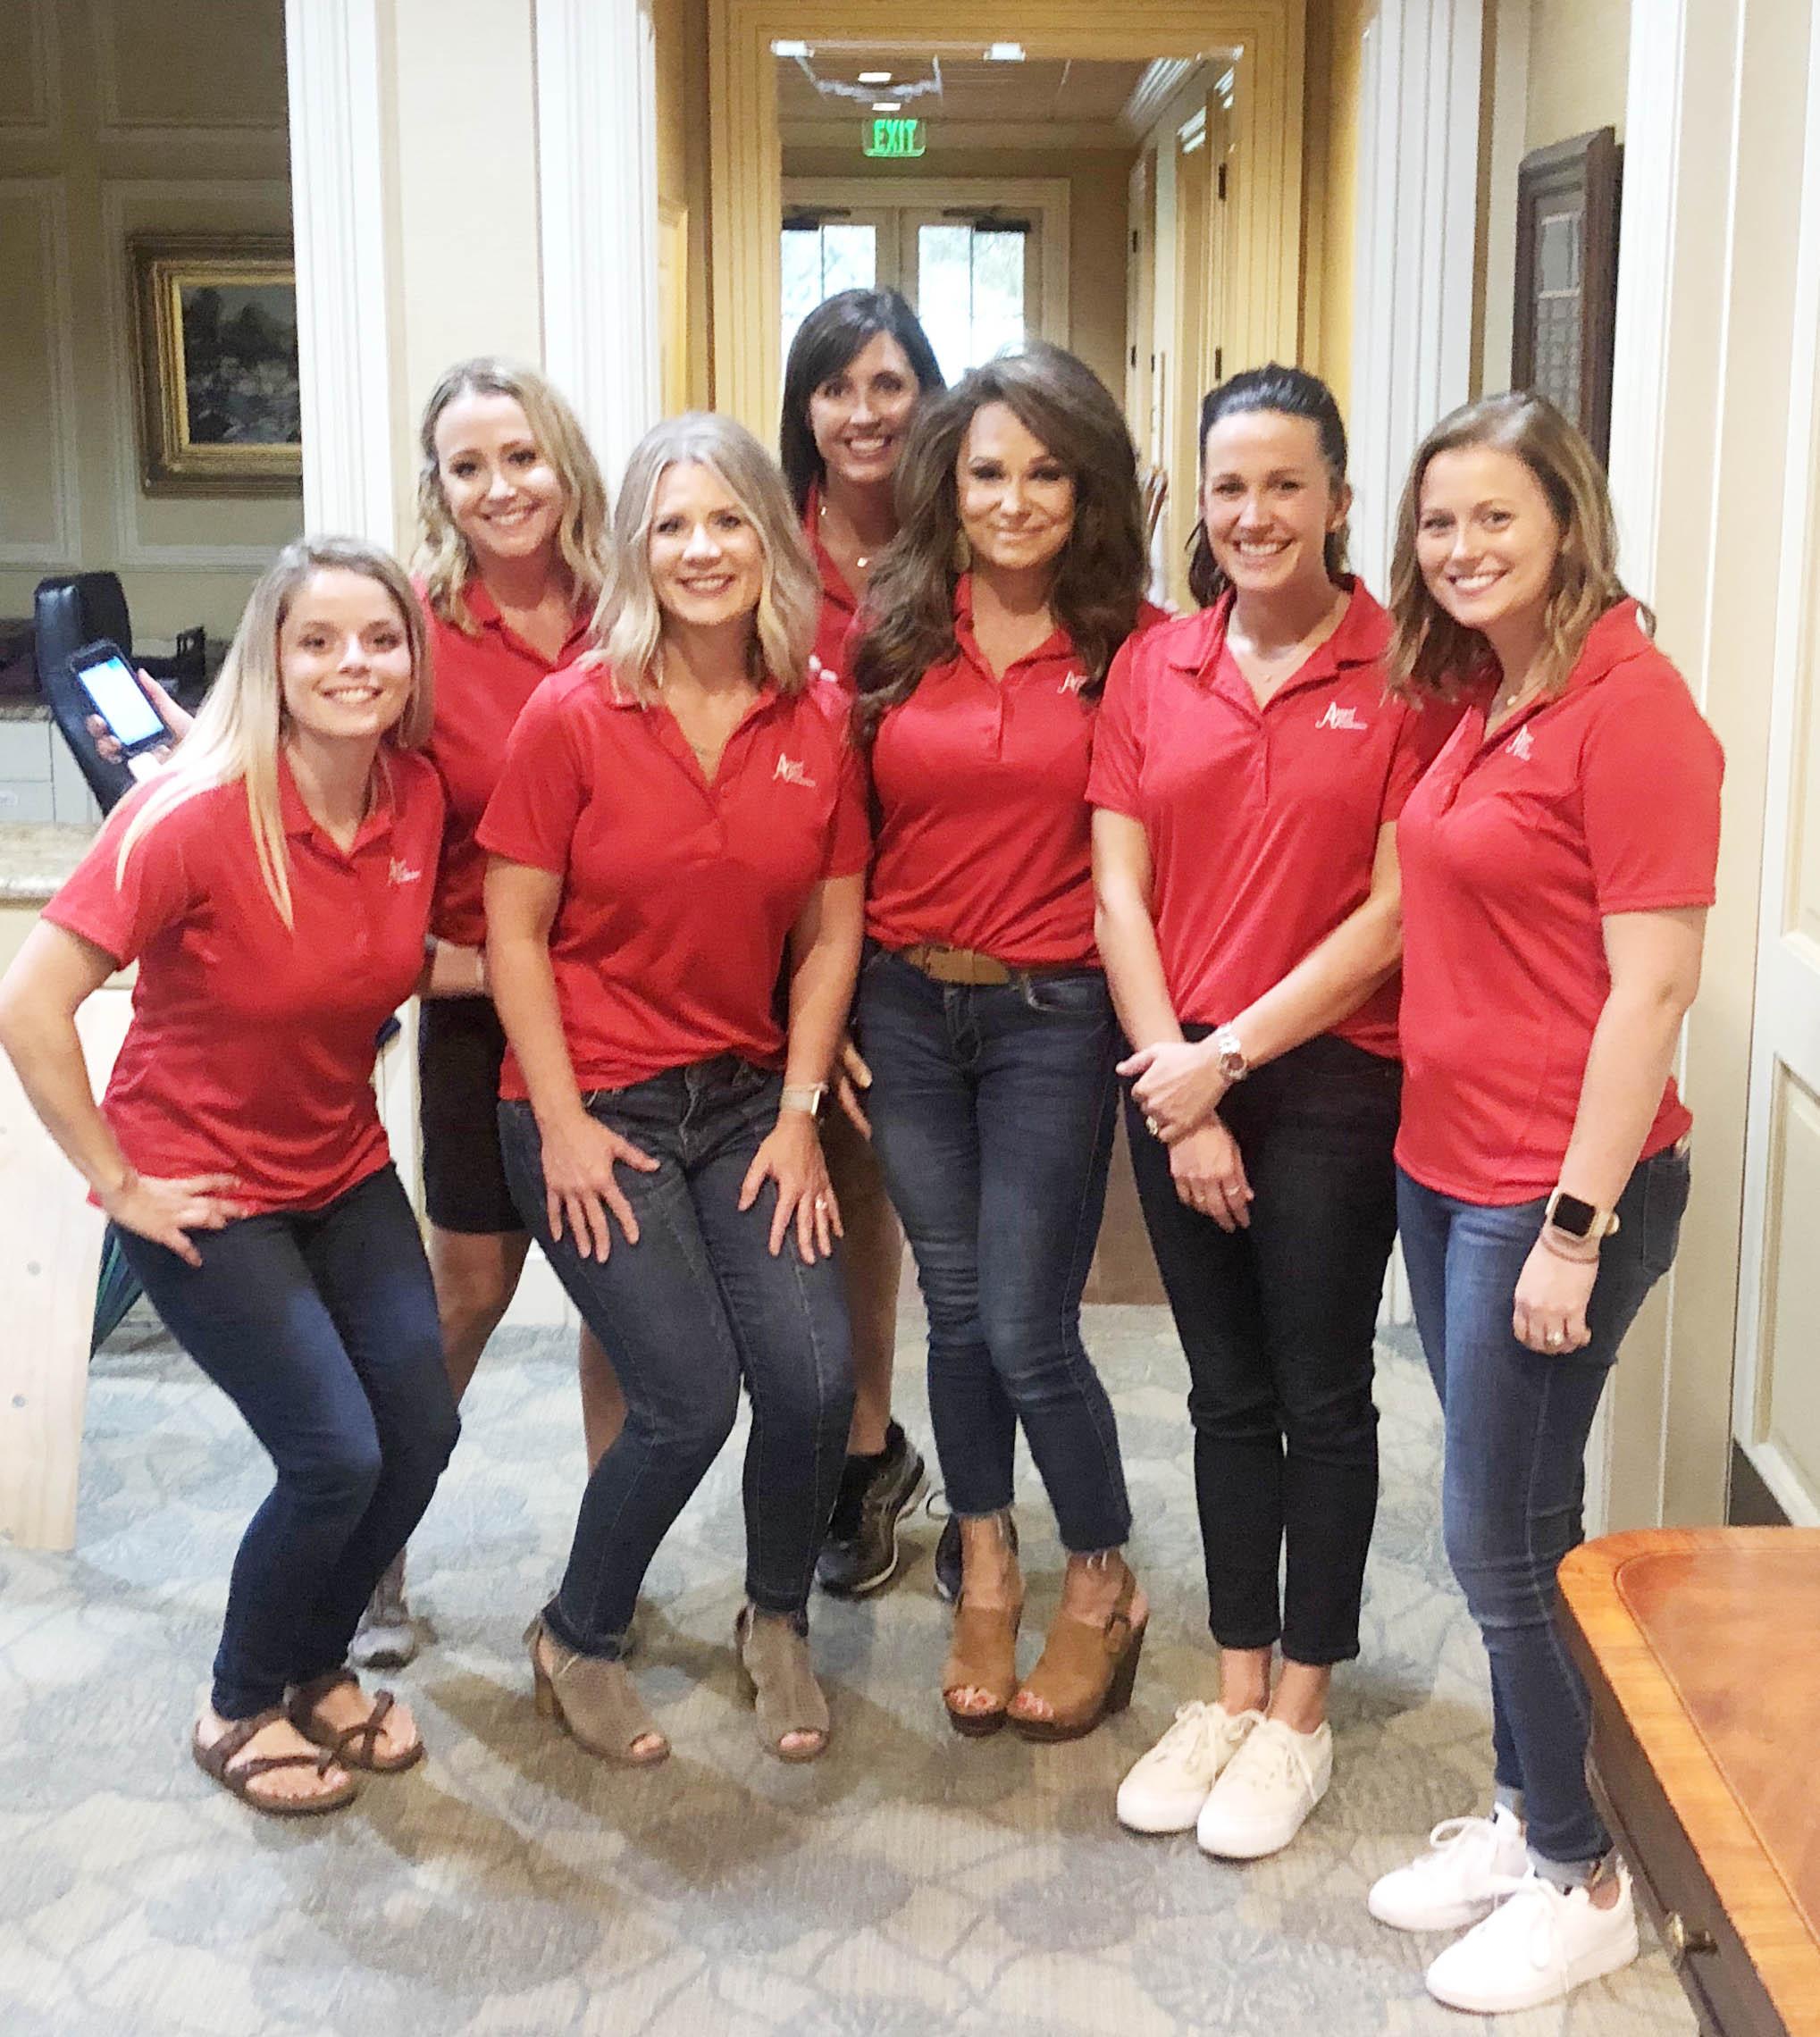 Samantha Mitchell, Kim Glass, Linde Huddleston, Lori Hambleton, Janet Cox, Kelsey Patterson and Rebecca Cantrell